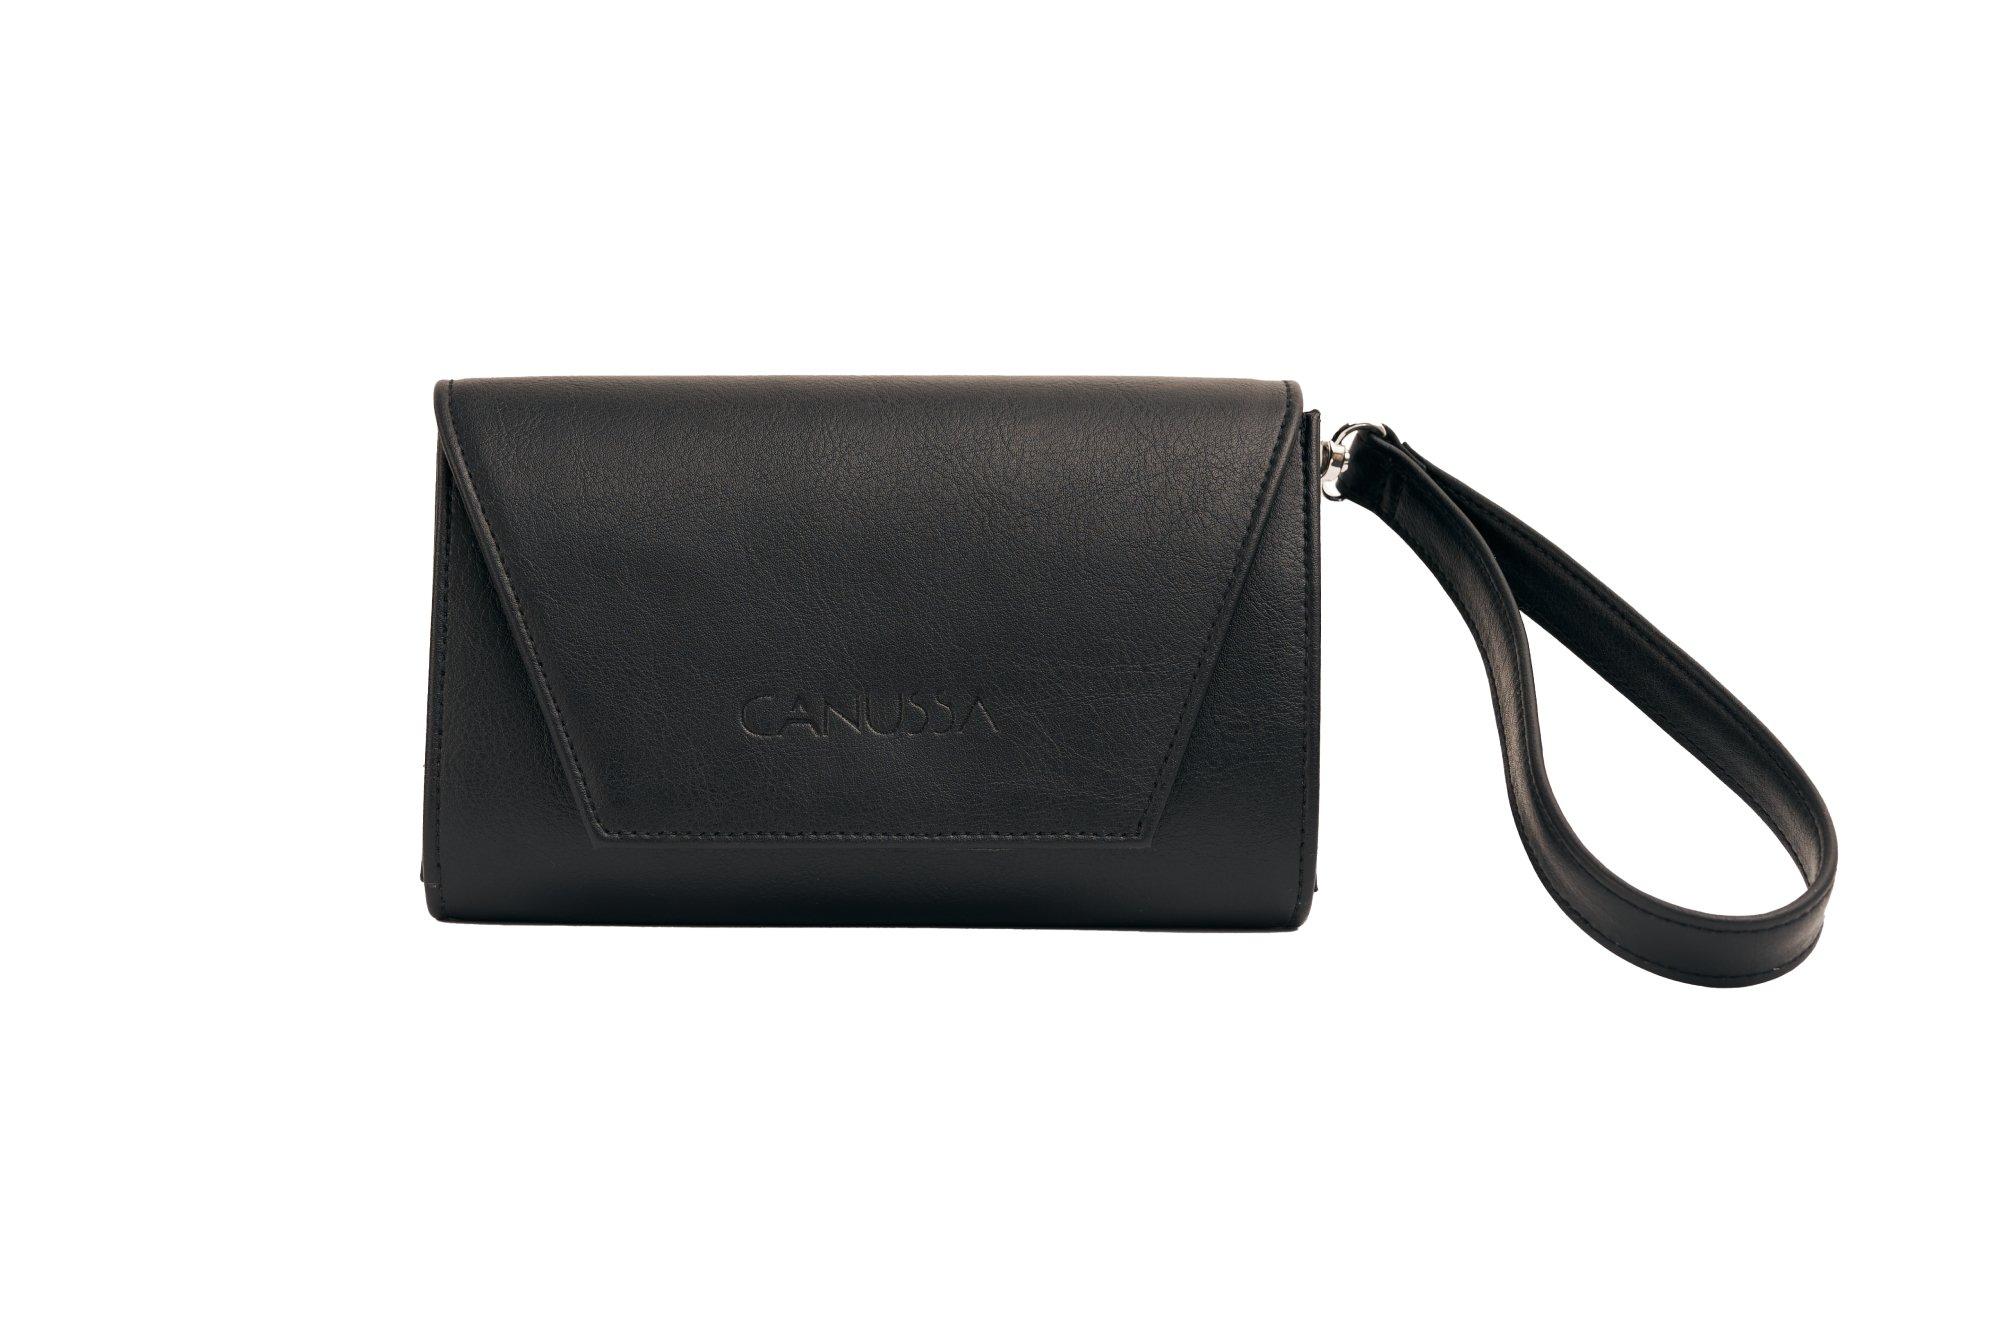 Hybrid Mini Black - Vegan Purse, Clutch and Bum bag